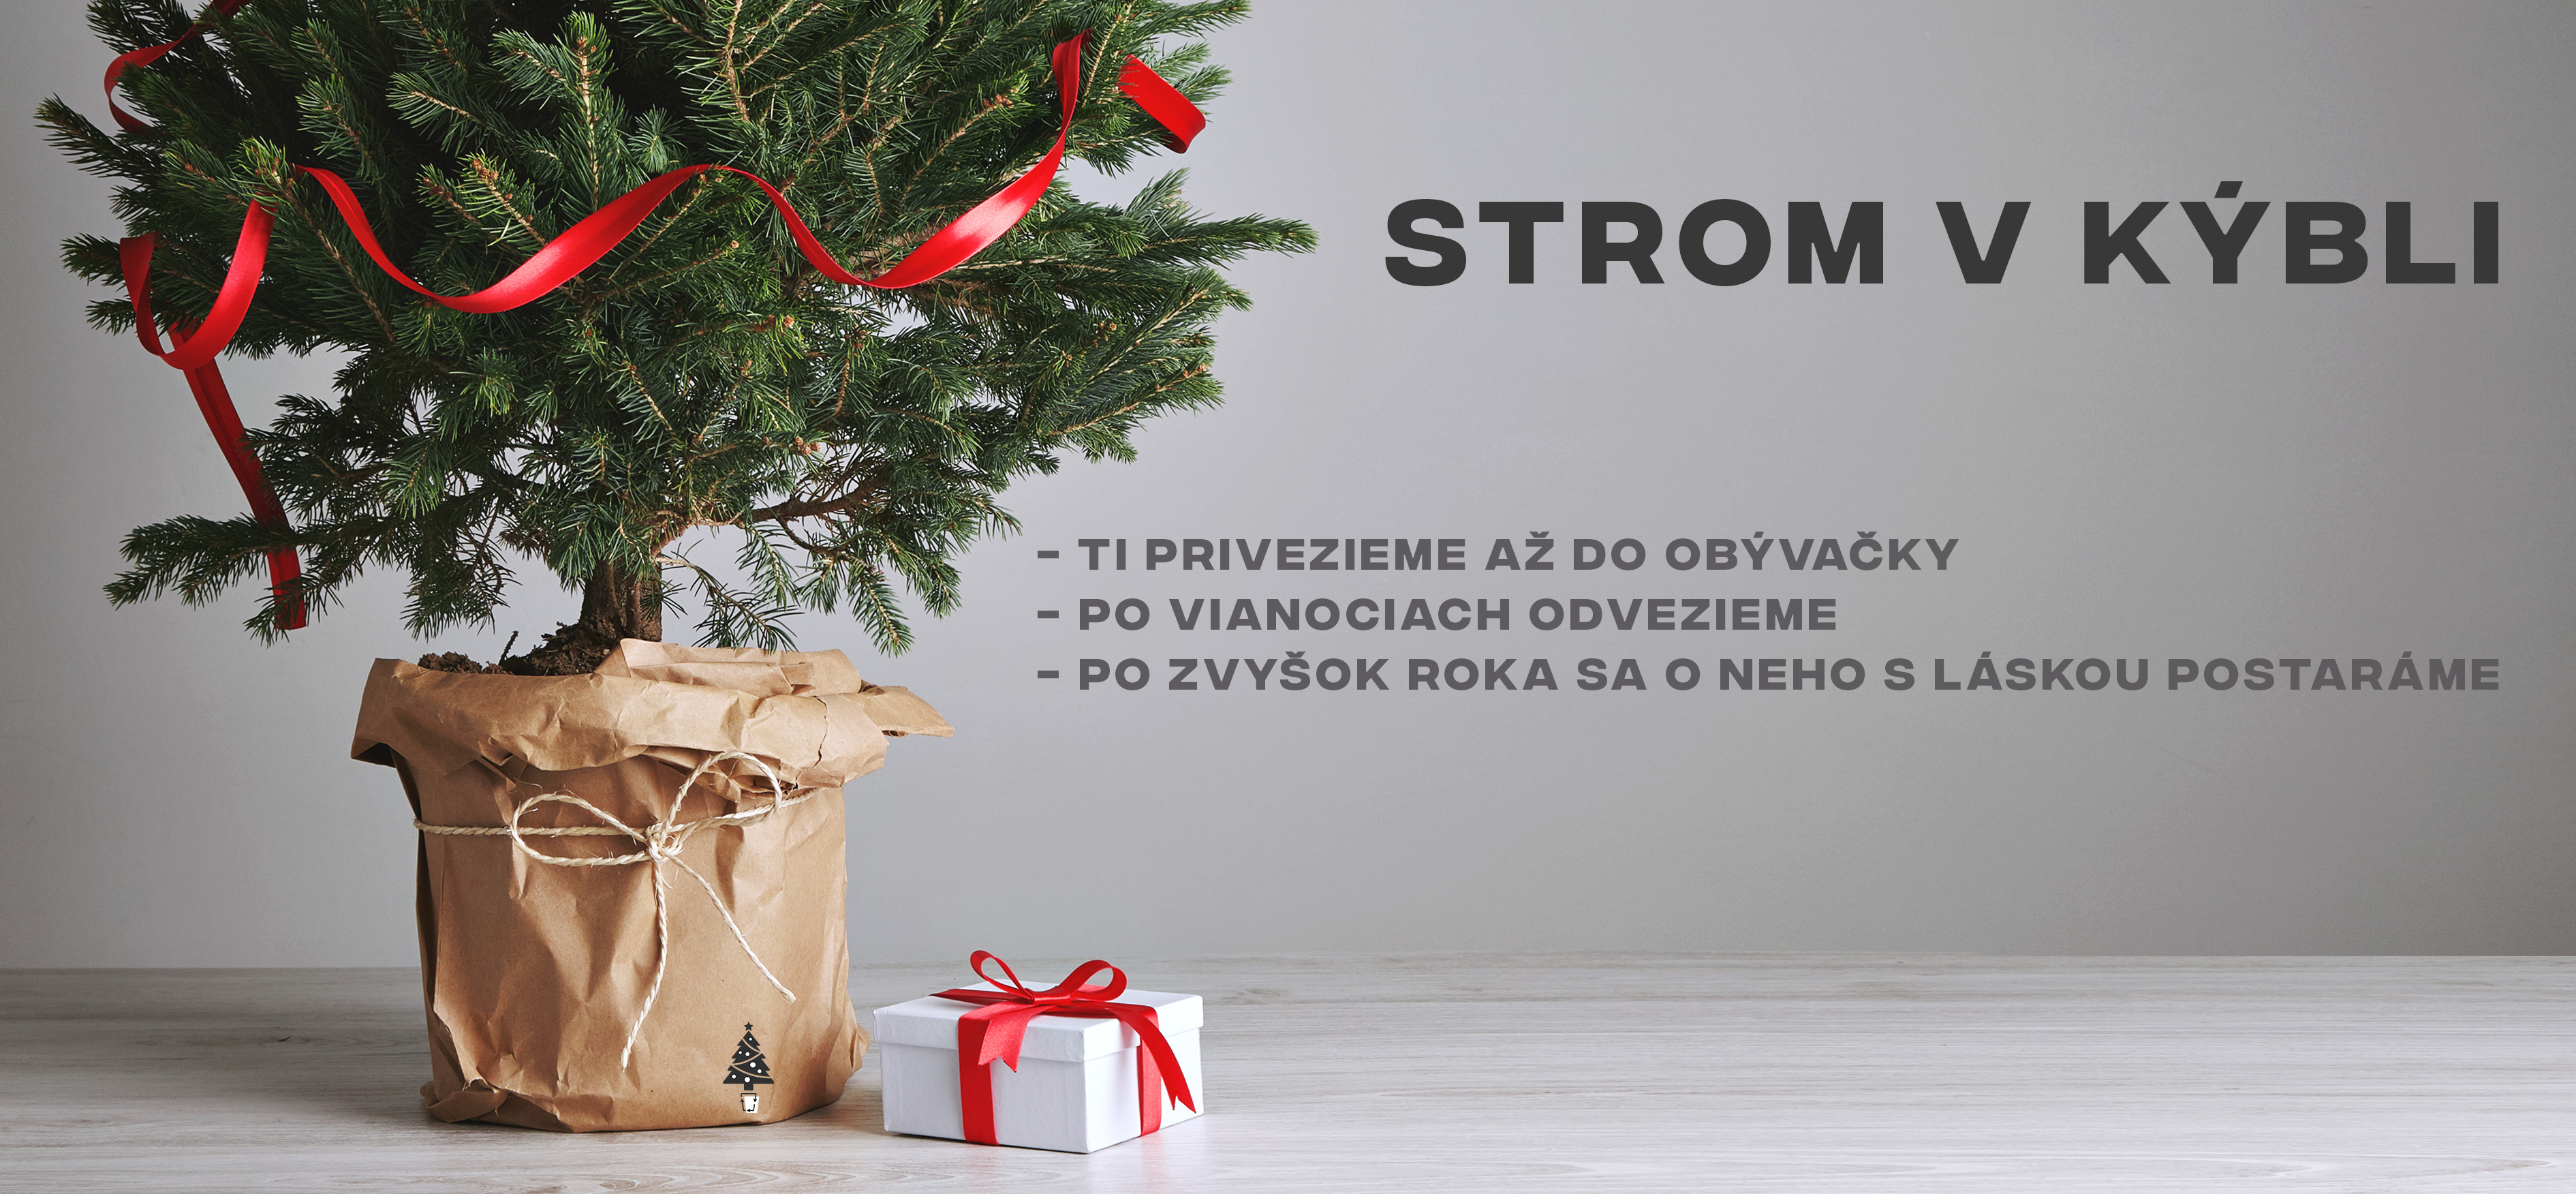 Vianocny_strom_v_kybli